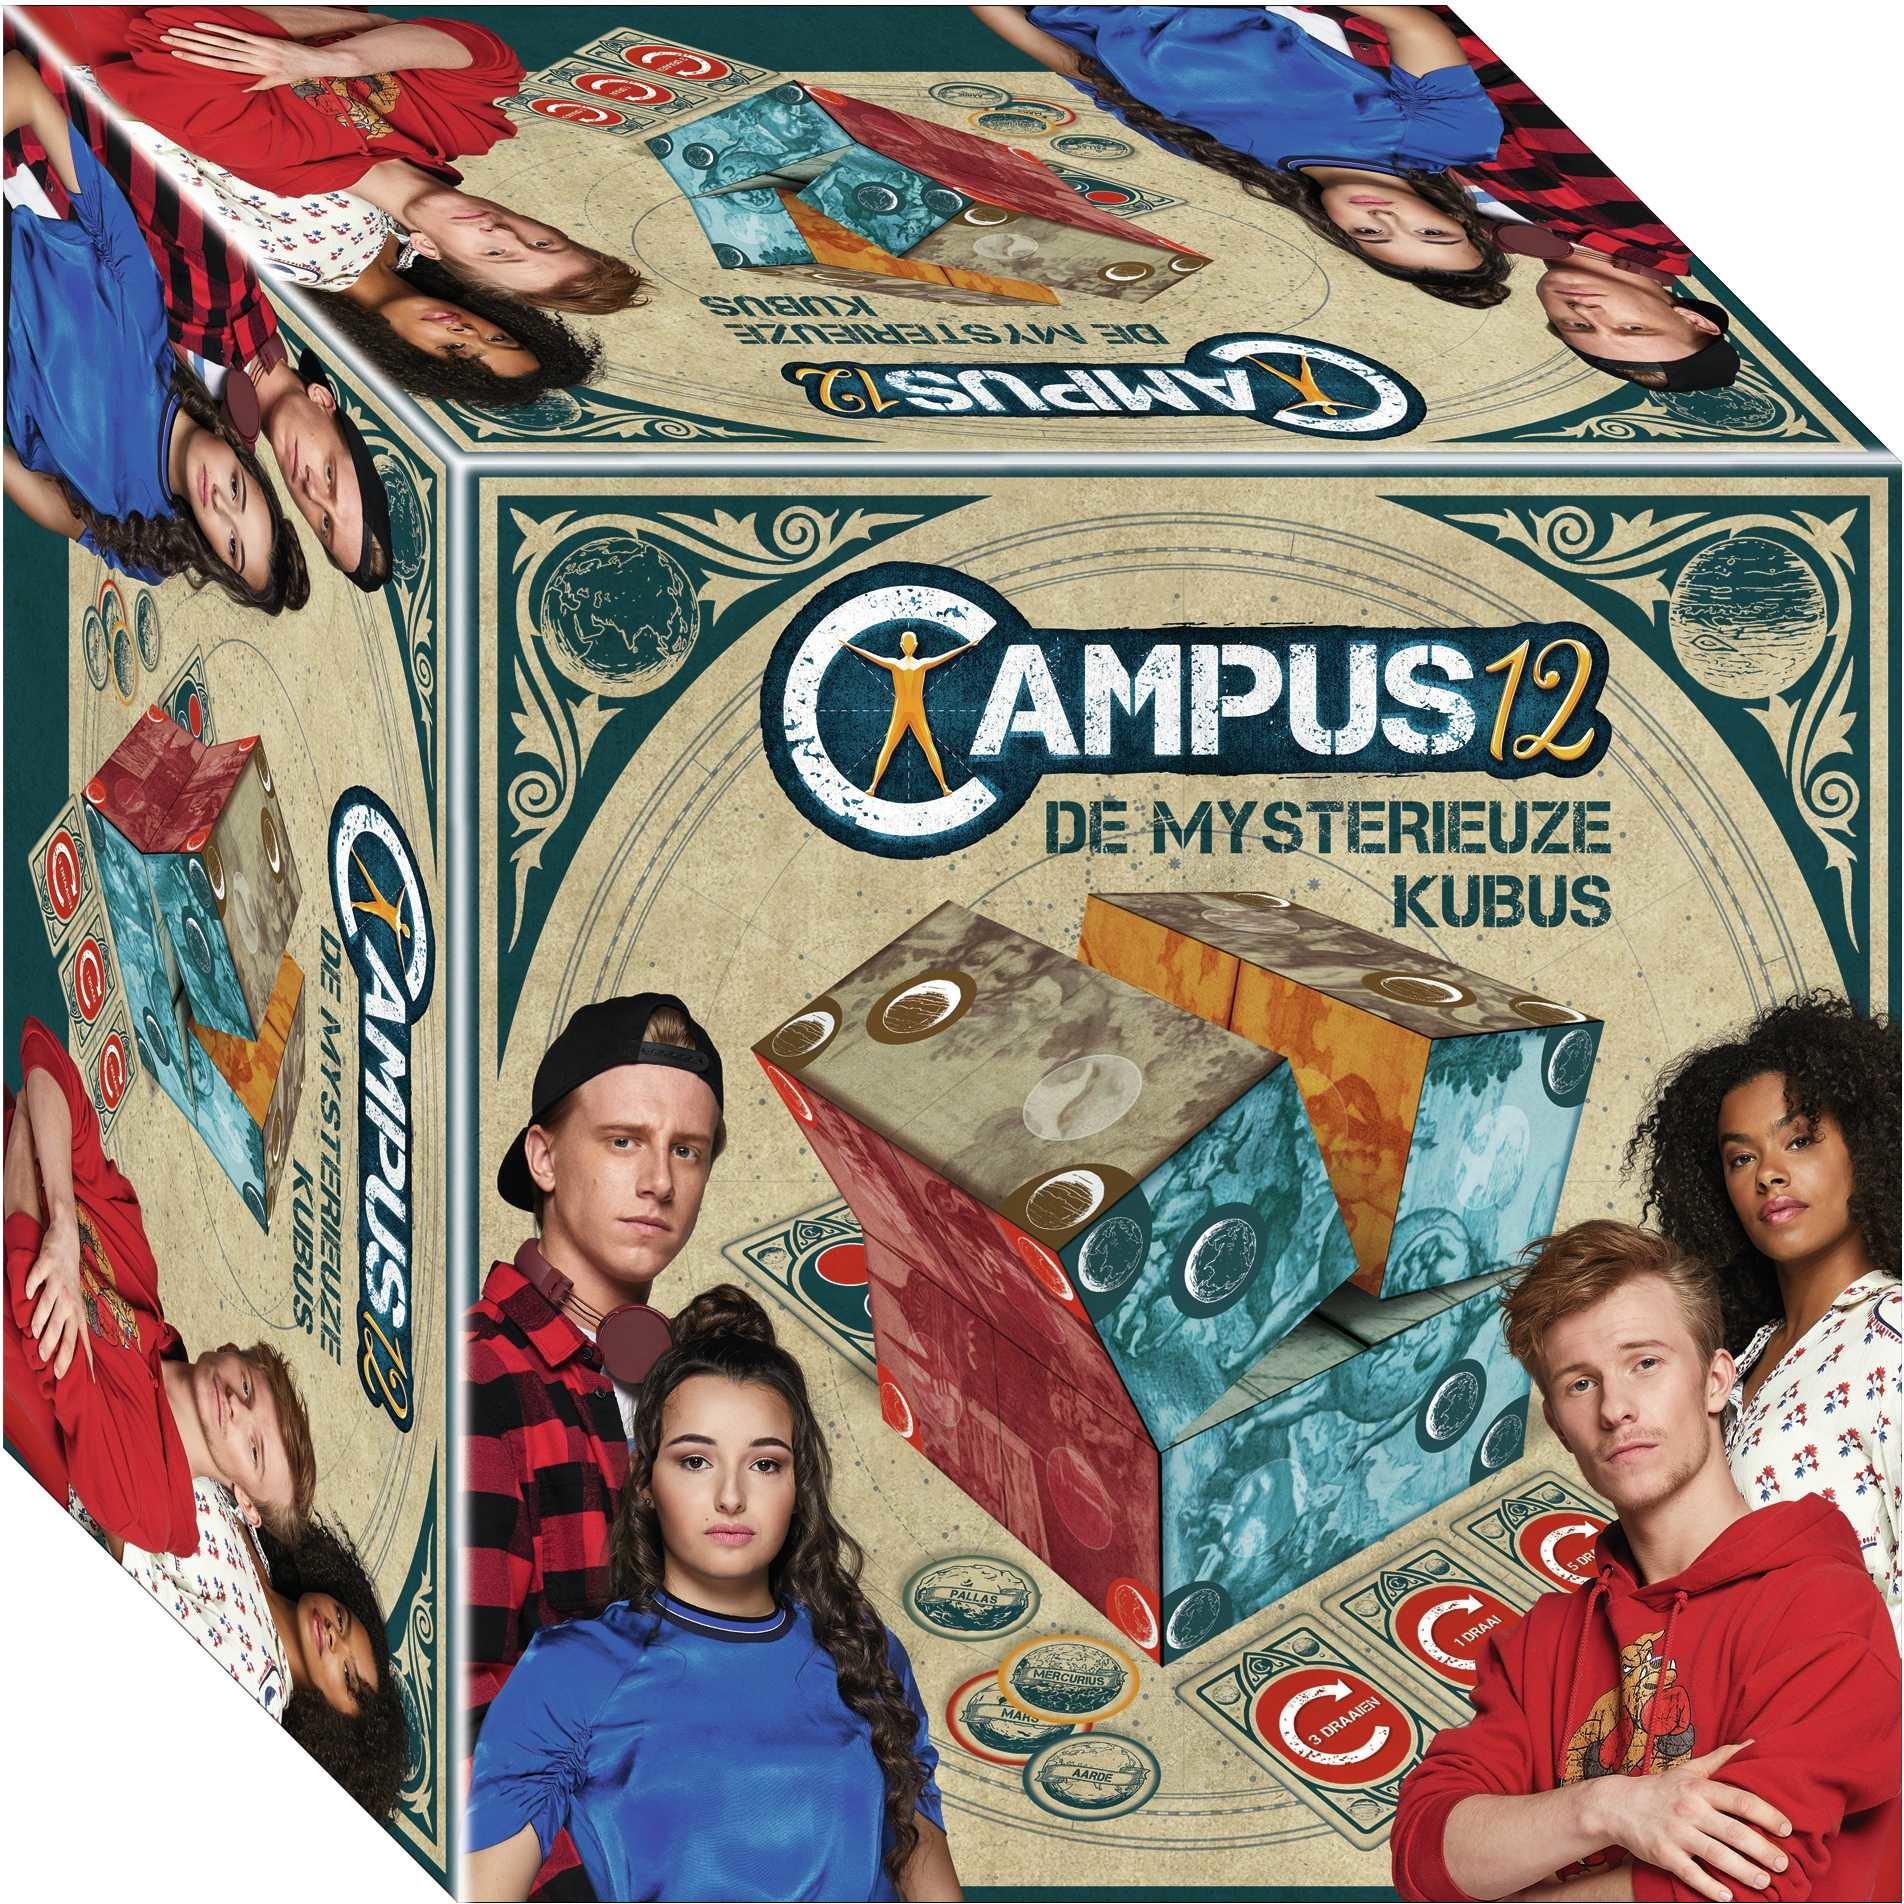 Campus 12 : jeu - Le Cube Mystérieux